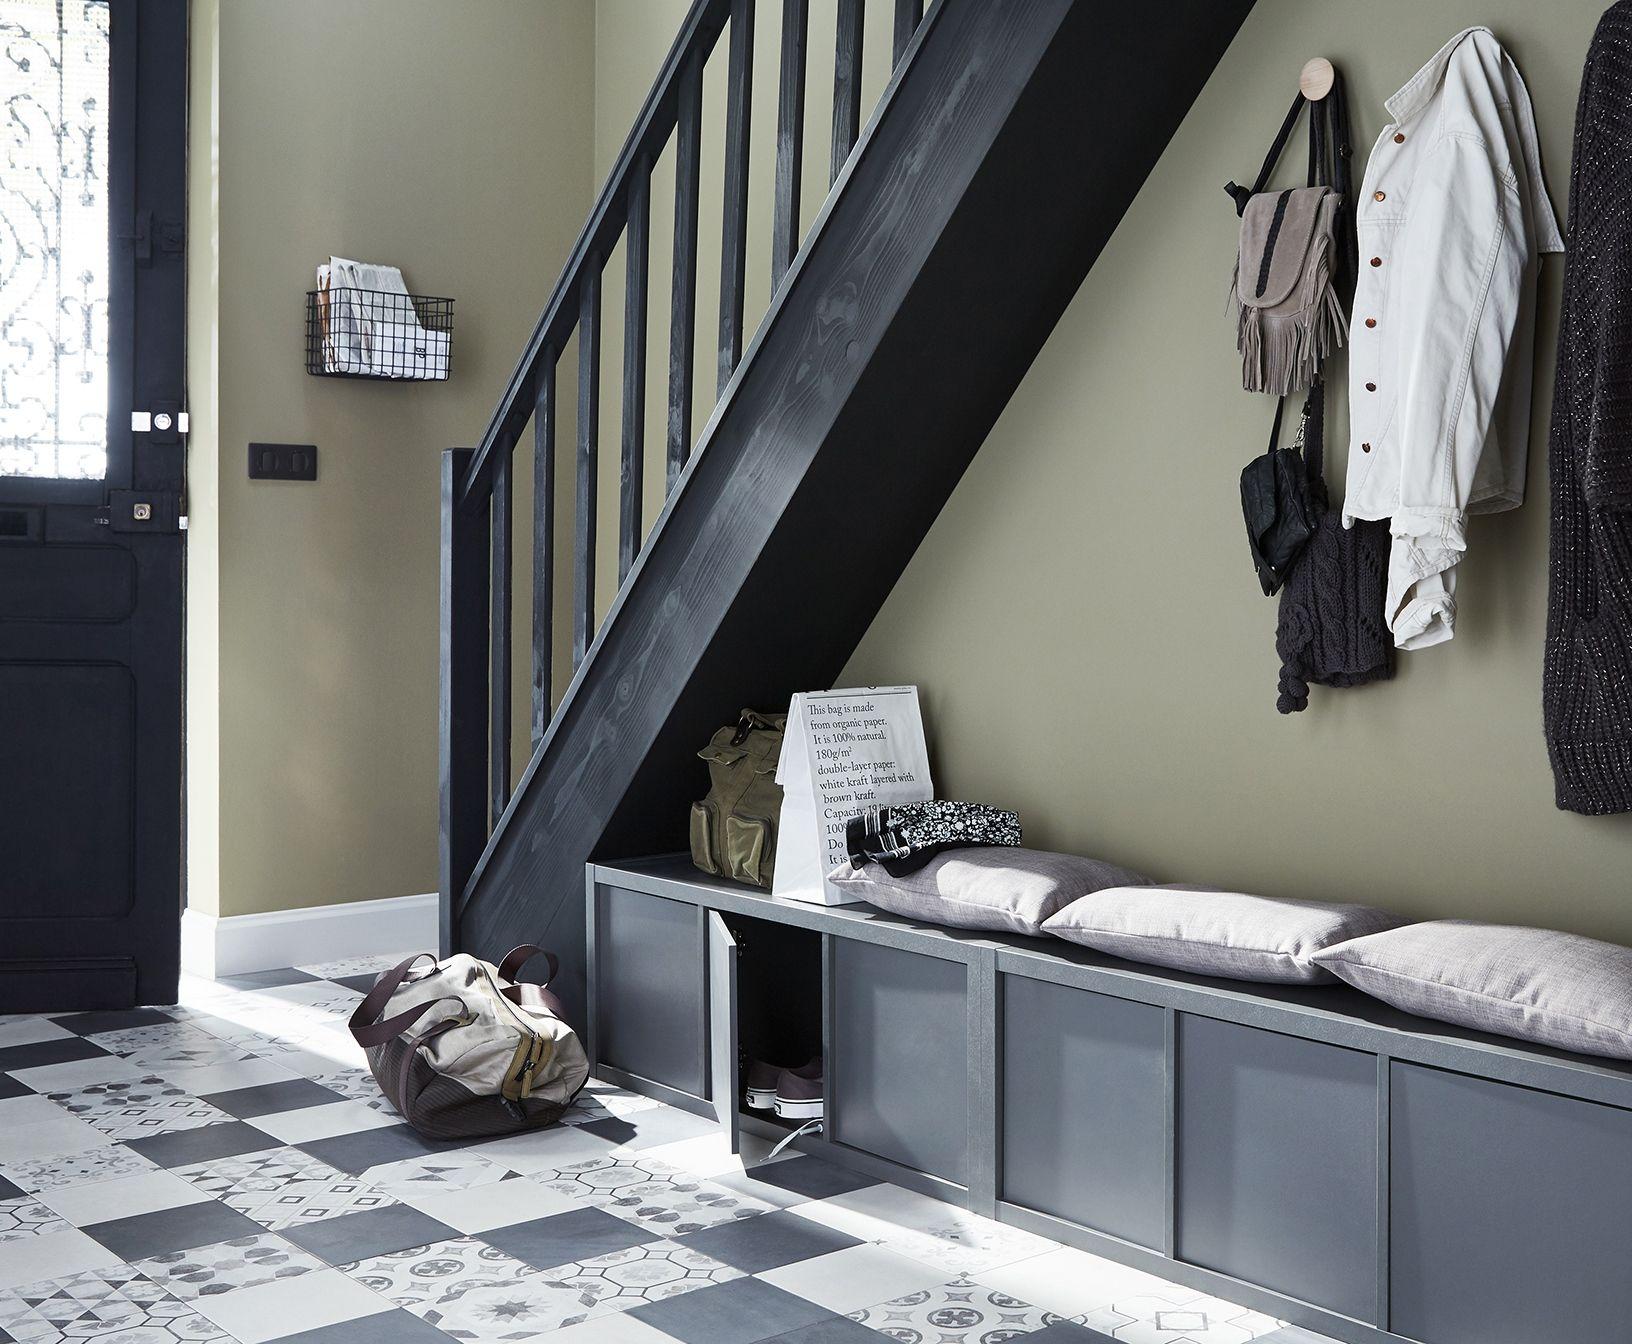 Profitez De L Espace Sous L Escalier Dans L Entree Pour Creer Un Vestiaire Avec Des Rangeme Amenagement Sous Escalier Amenagement Escalier Meuble Sous Escalier